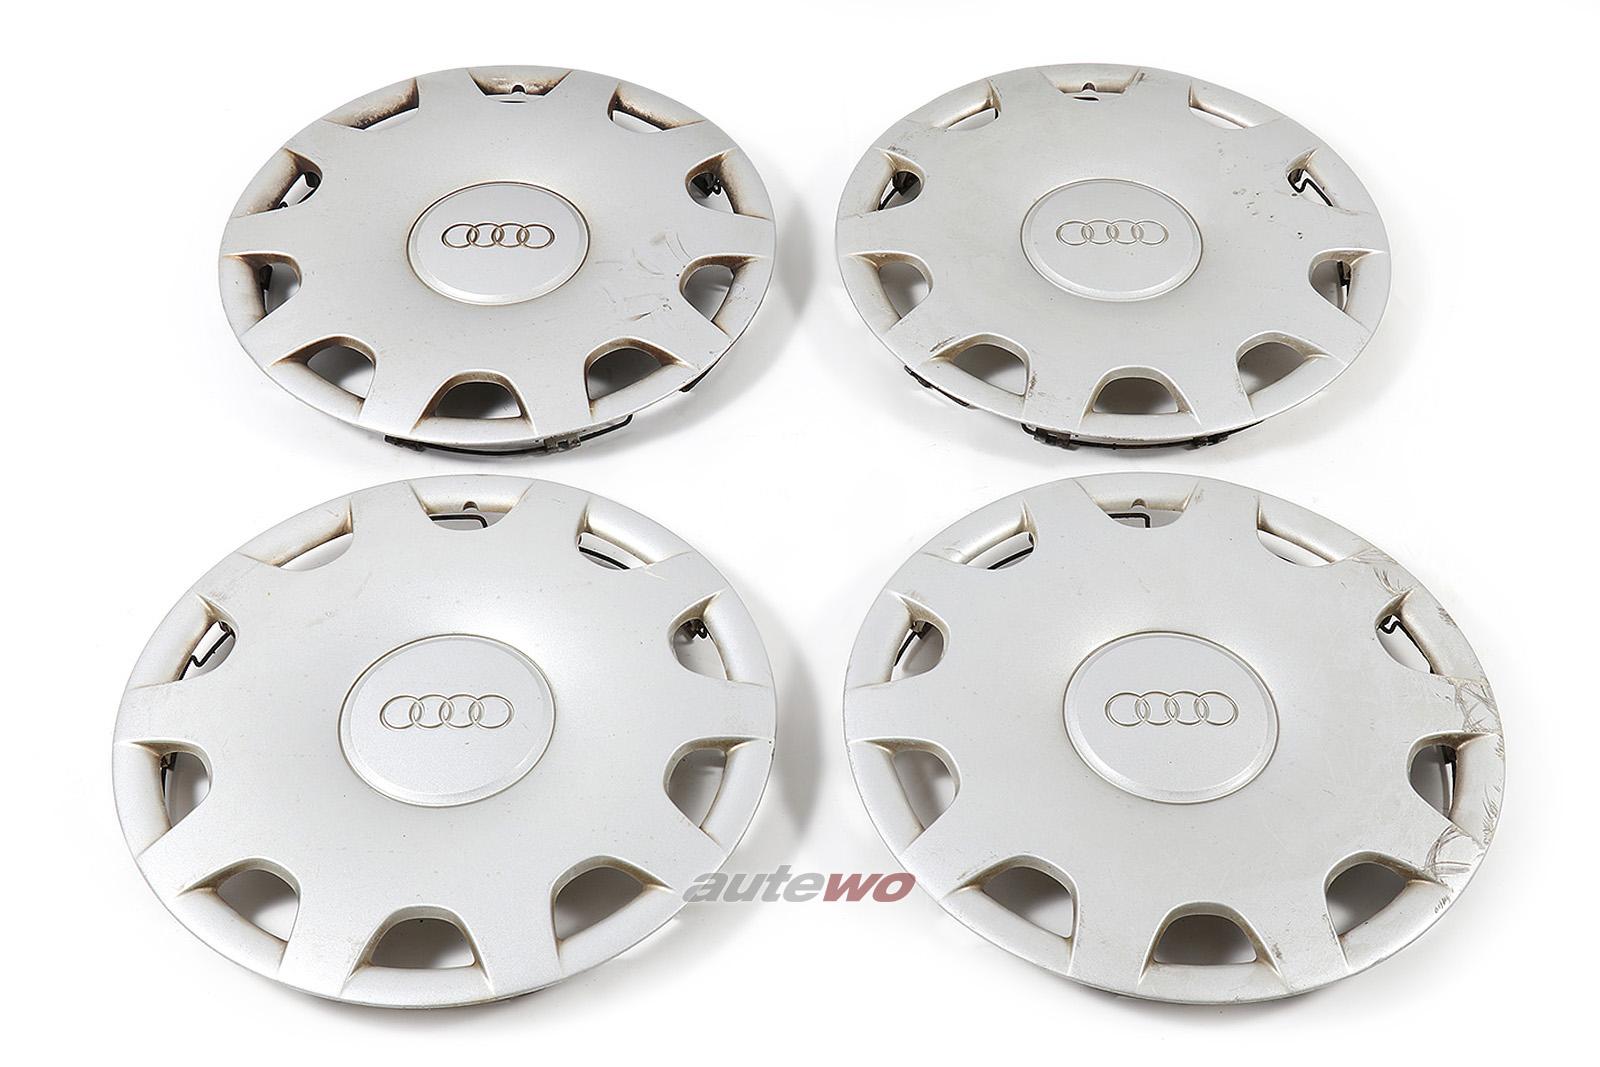 4A0601147A 4A0601147B Audi 100/A6 C4 original Radkappensatz 15 Zoll